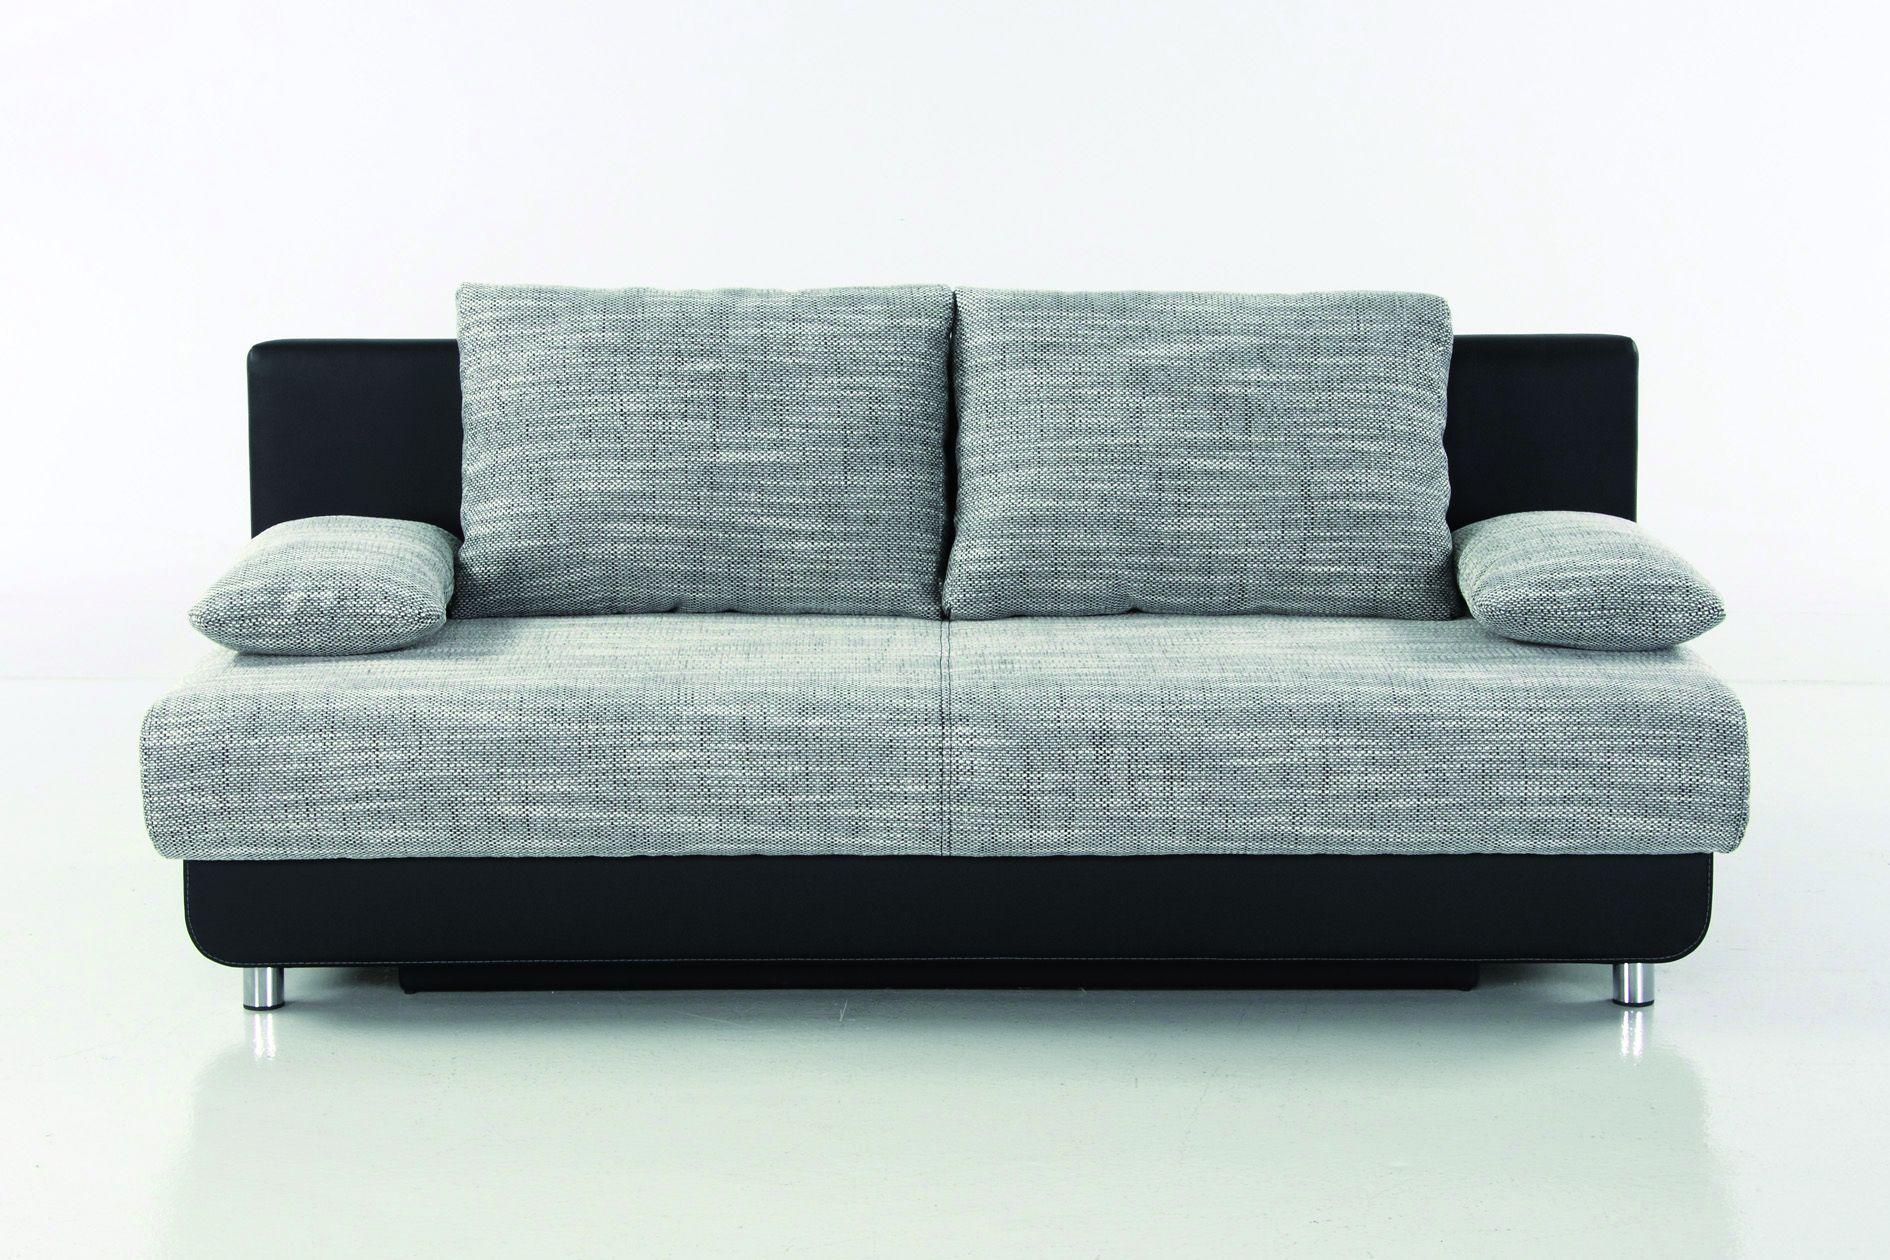 guenstige sofas sofa matex arles mit braun braun with guenstige sofas trendy varianten chicago. Black Bedroom Furniture Sets. Home Design Ideas